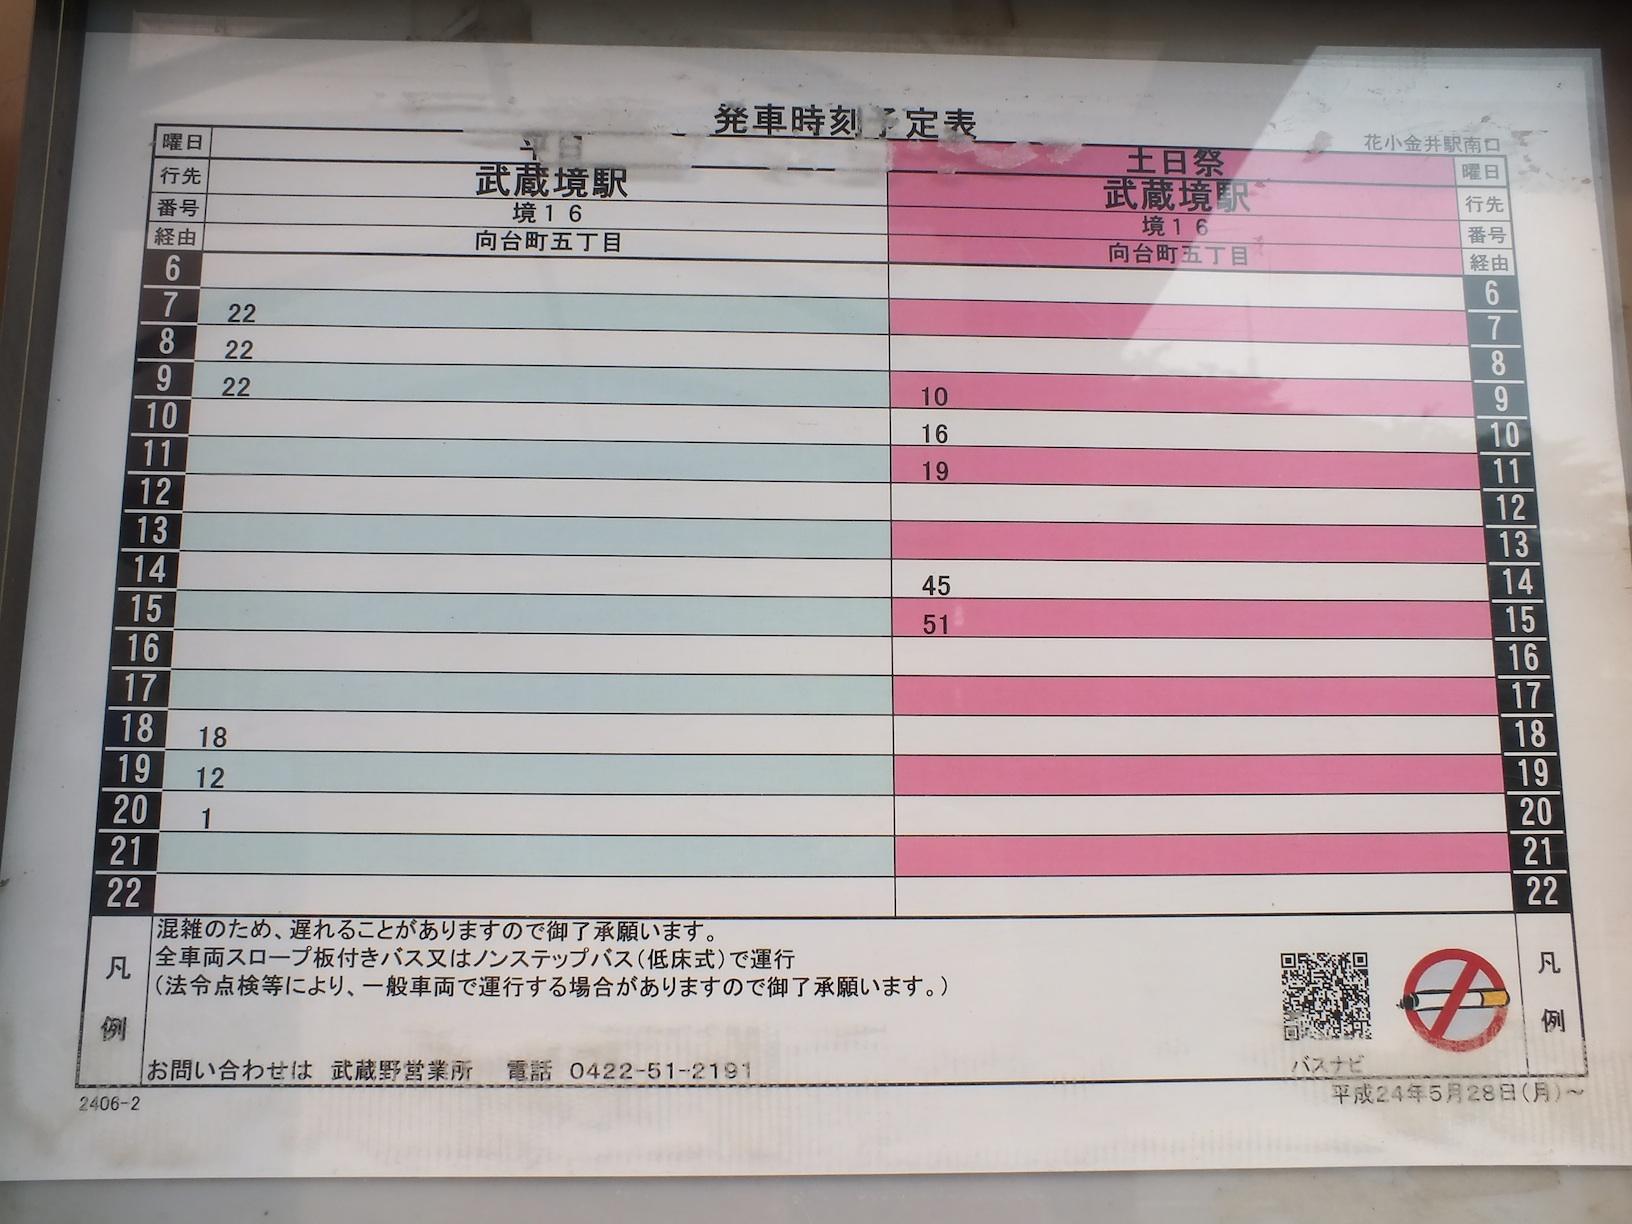 表 関東 バス 時刻